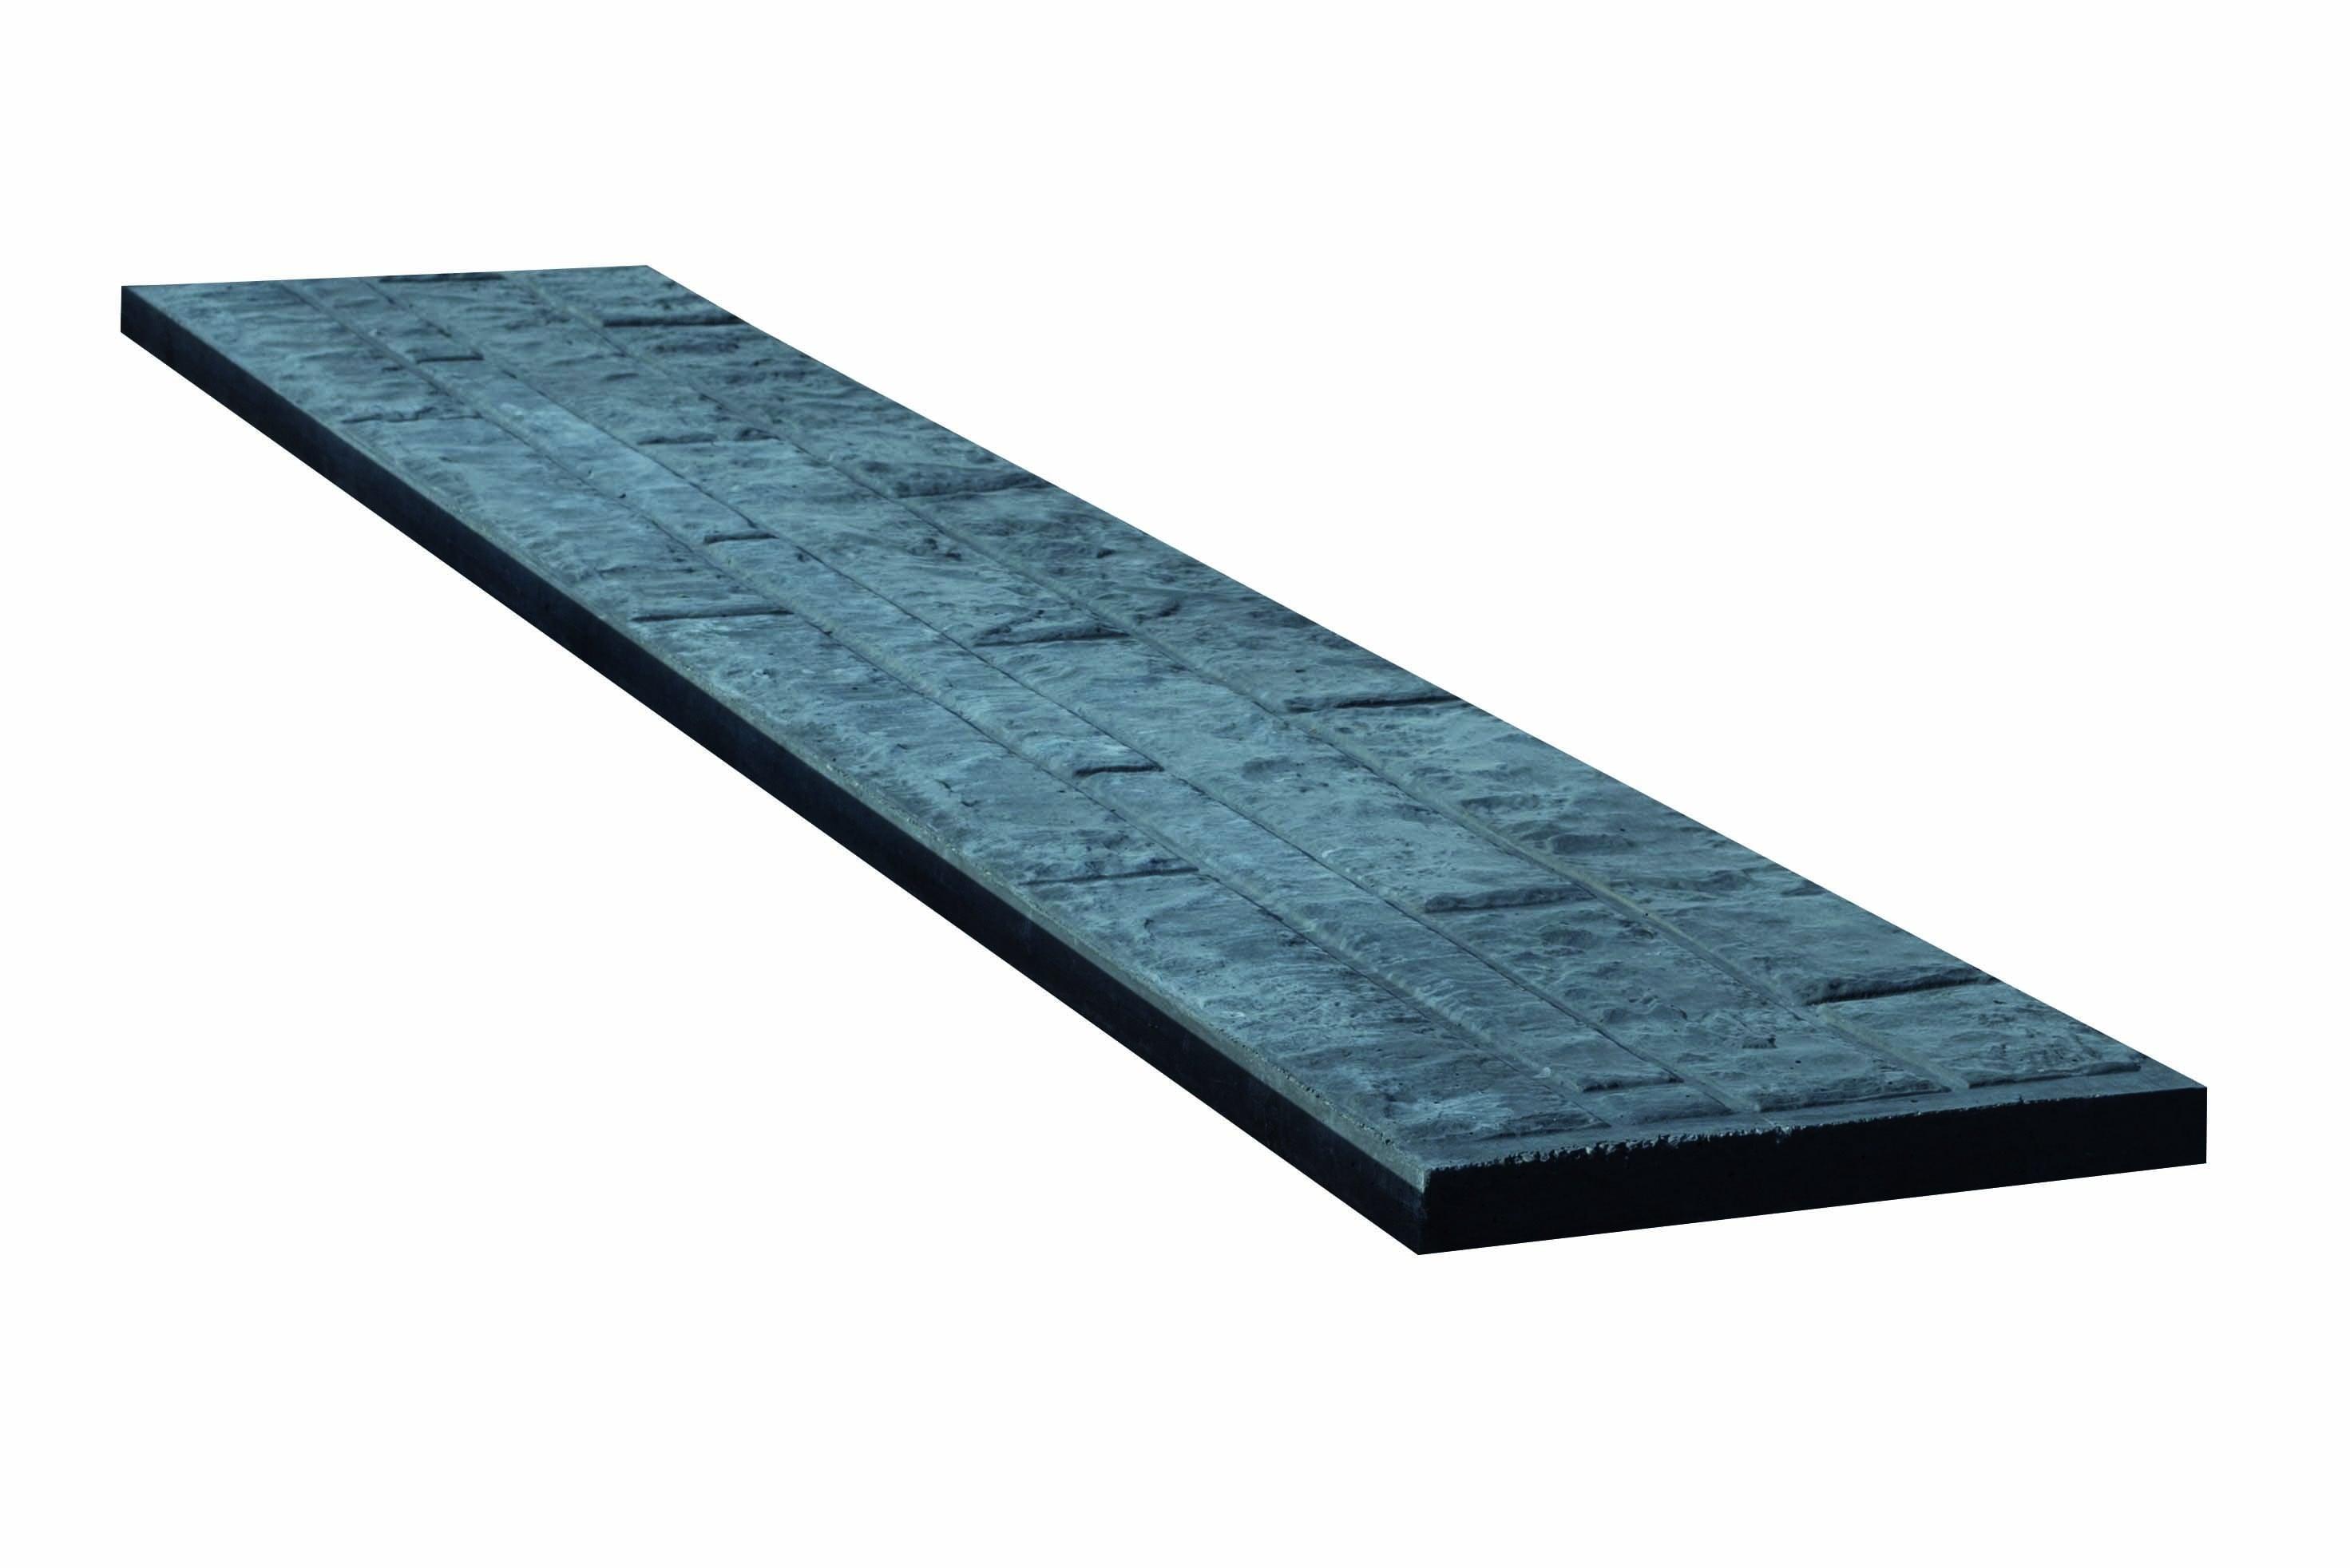 Onderplaat beton met Rotsmotief. Type: Betonbouw